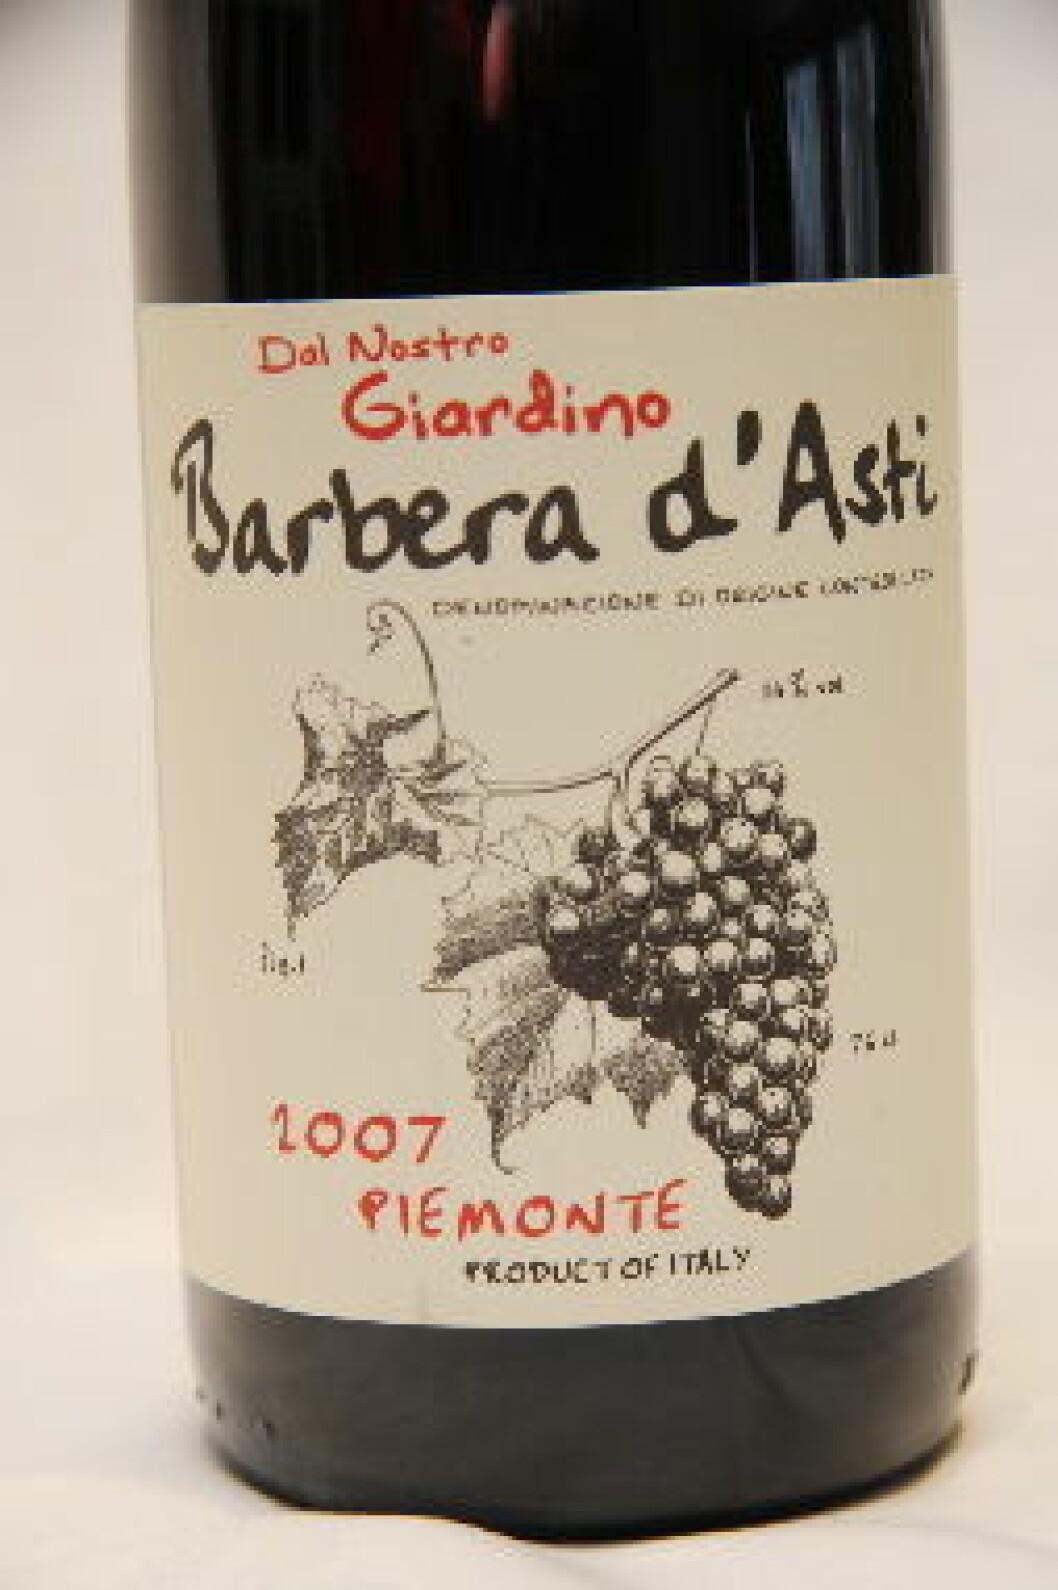 DalNostroBarbera d Asti (1) NETT